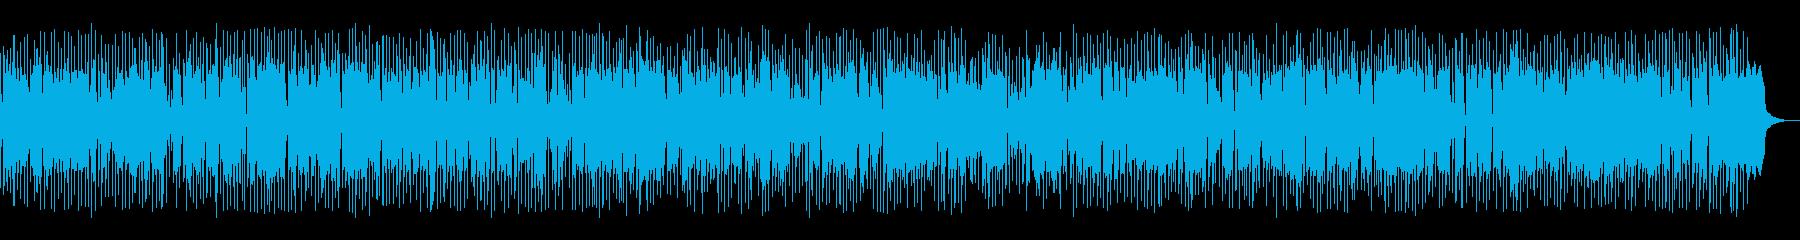 ノリの良いシンセ系ディスコテクノビートの再生済みの波形